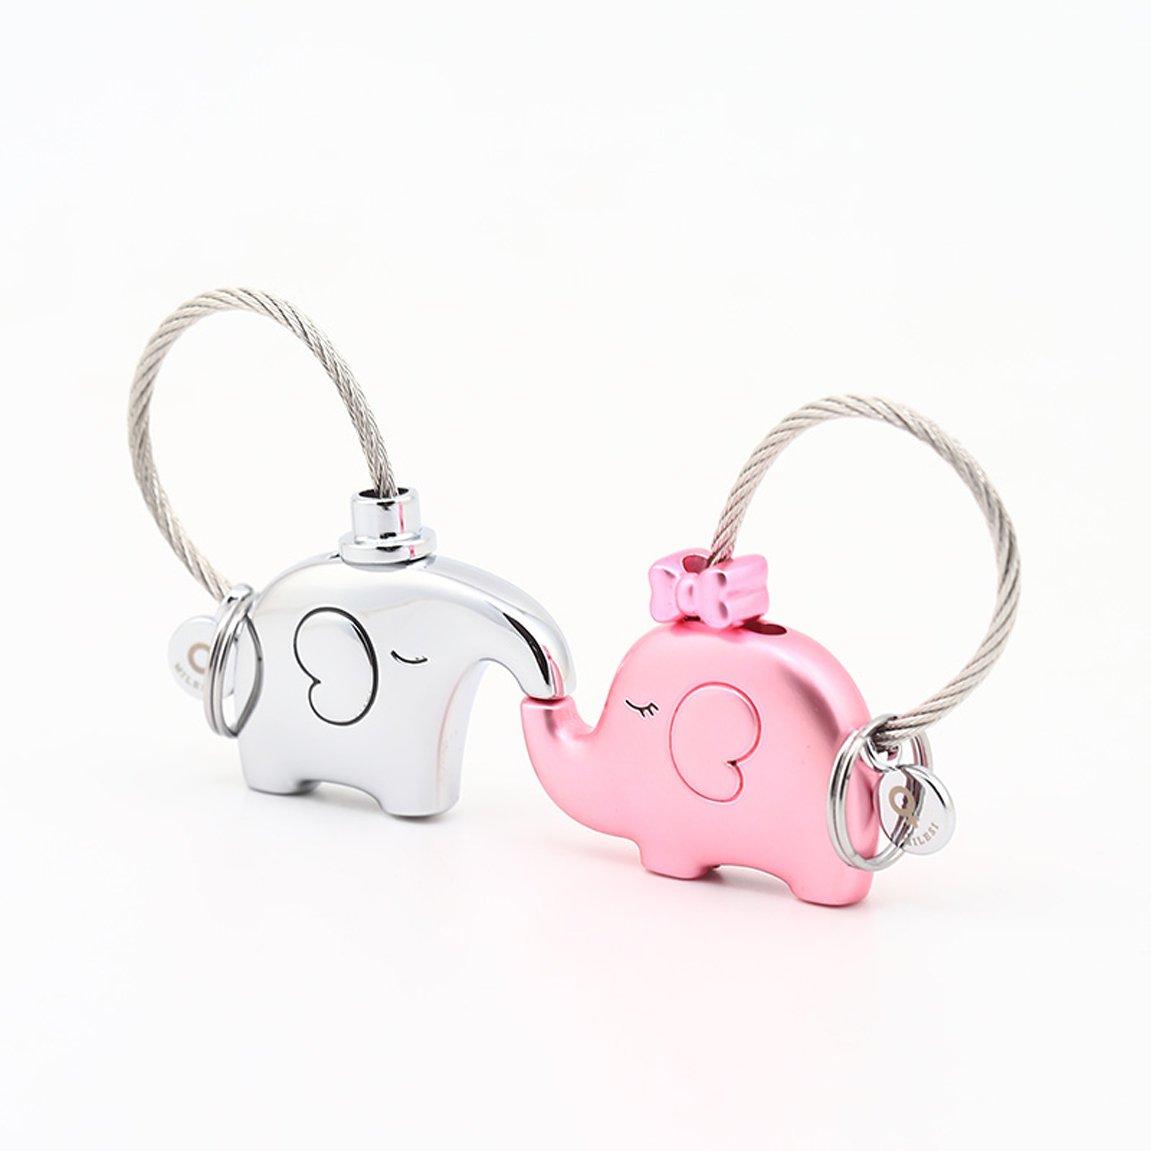 LXYFMS Paar Schlüsselbund Creative Car Keychain Handtasche Anhänger Schlüsselbund